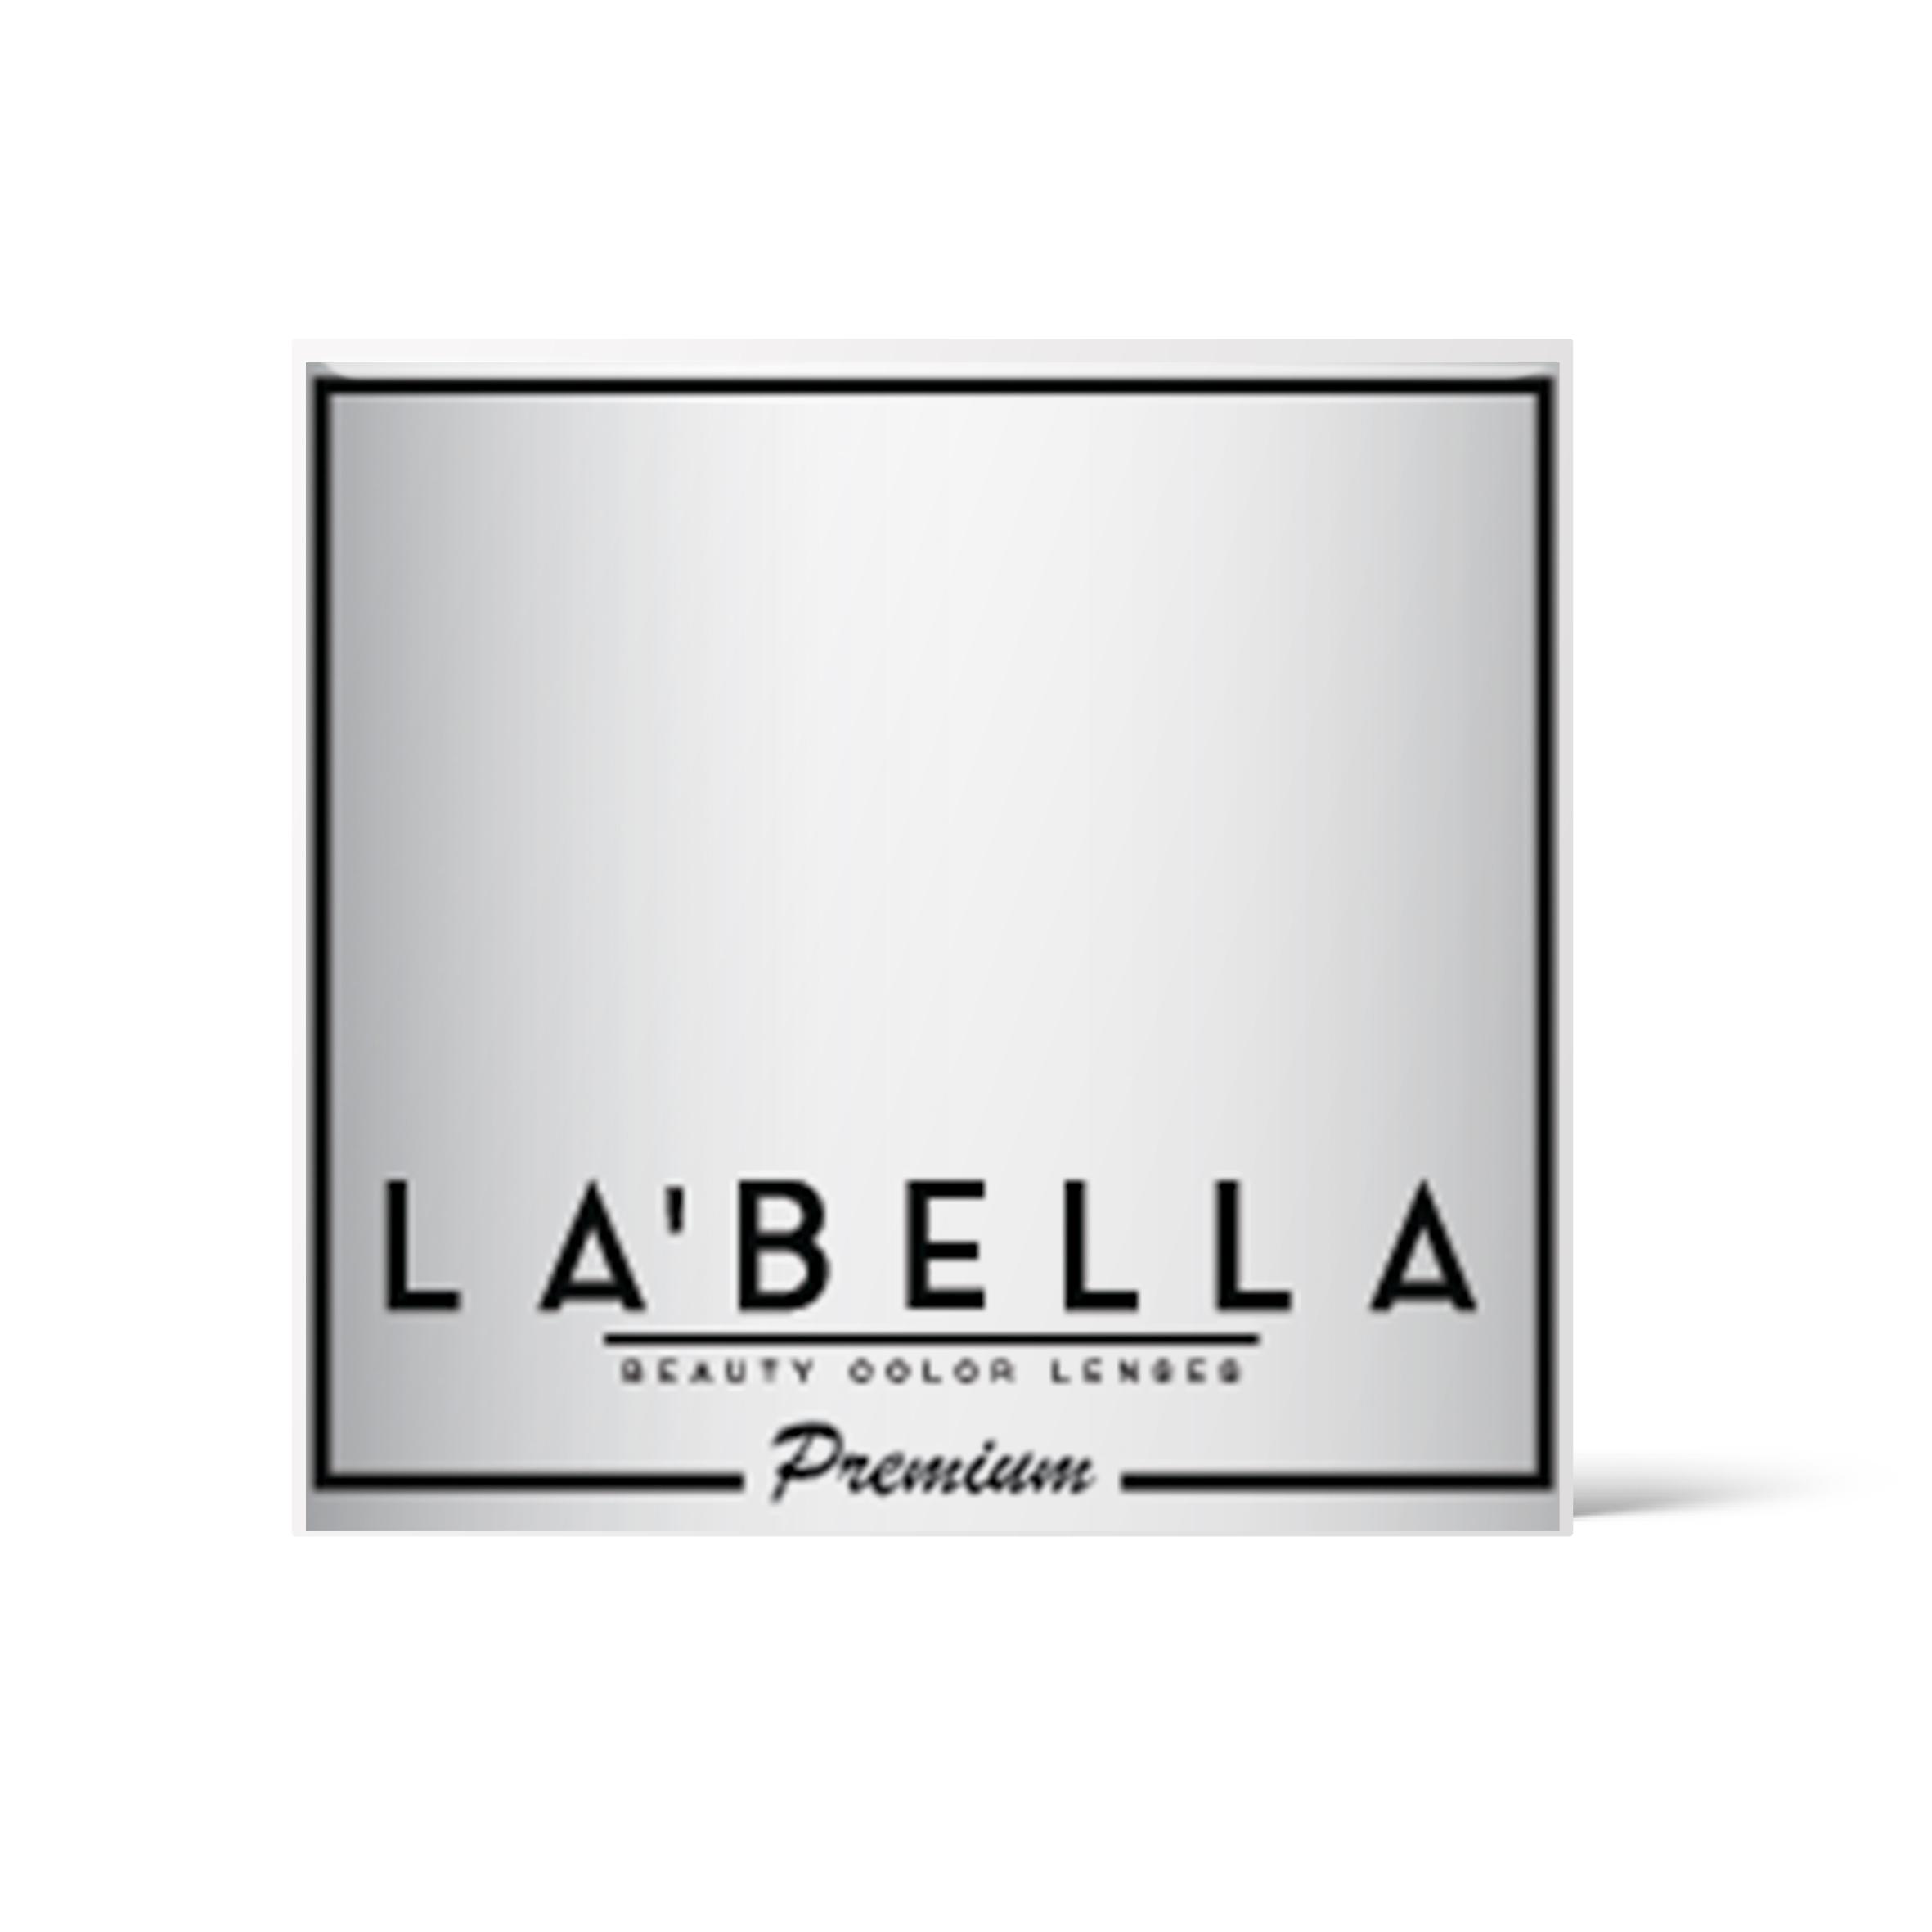 Labella Premium Seri Numaralı